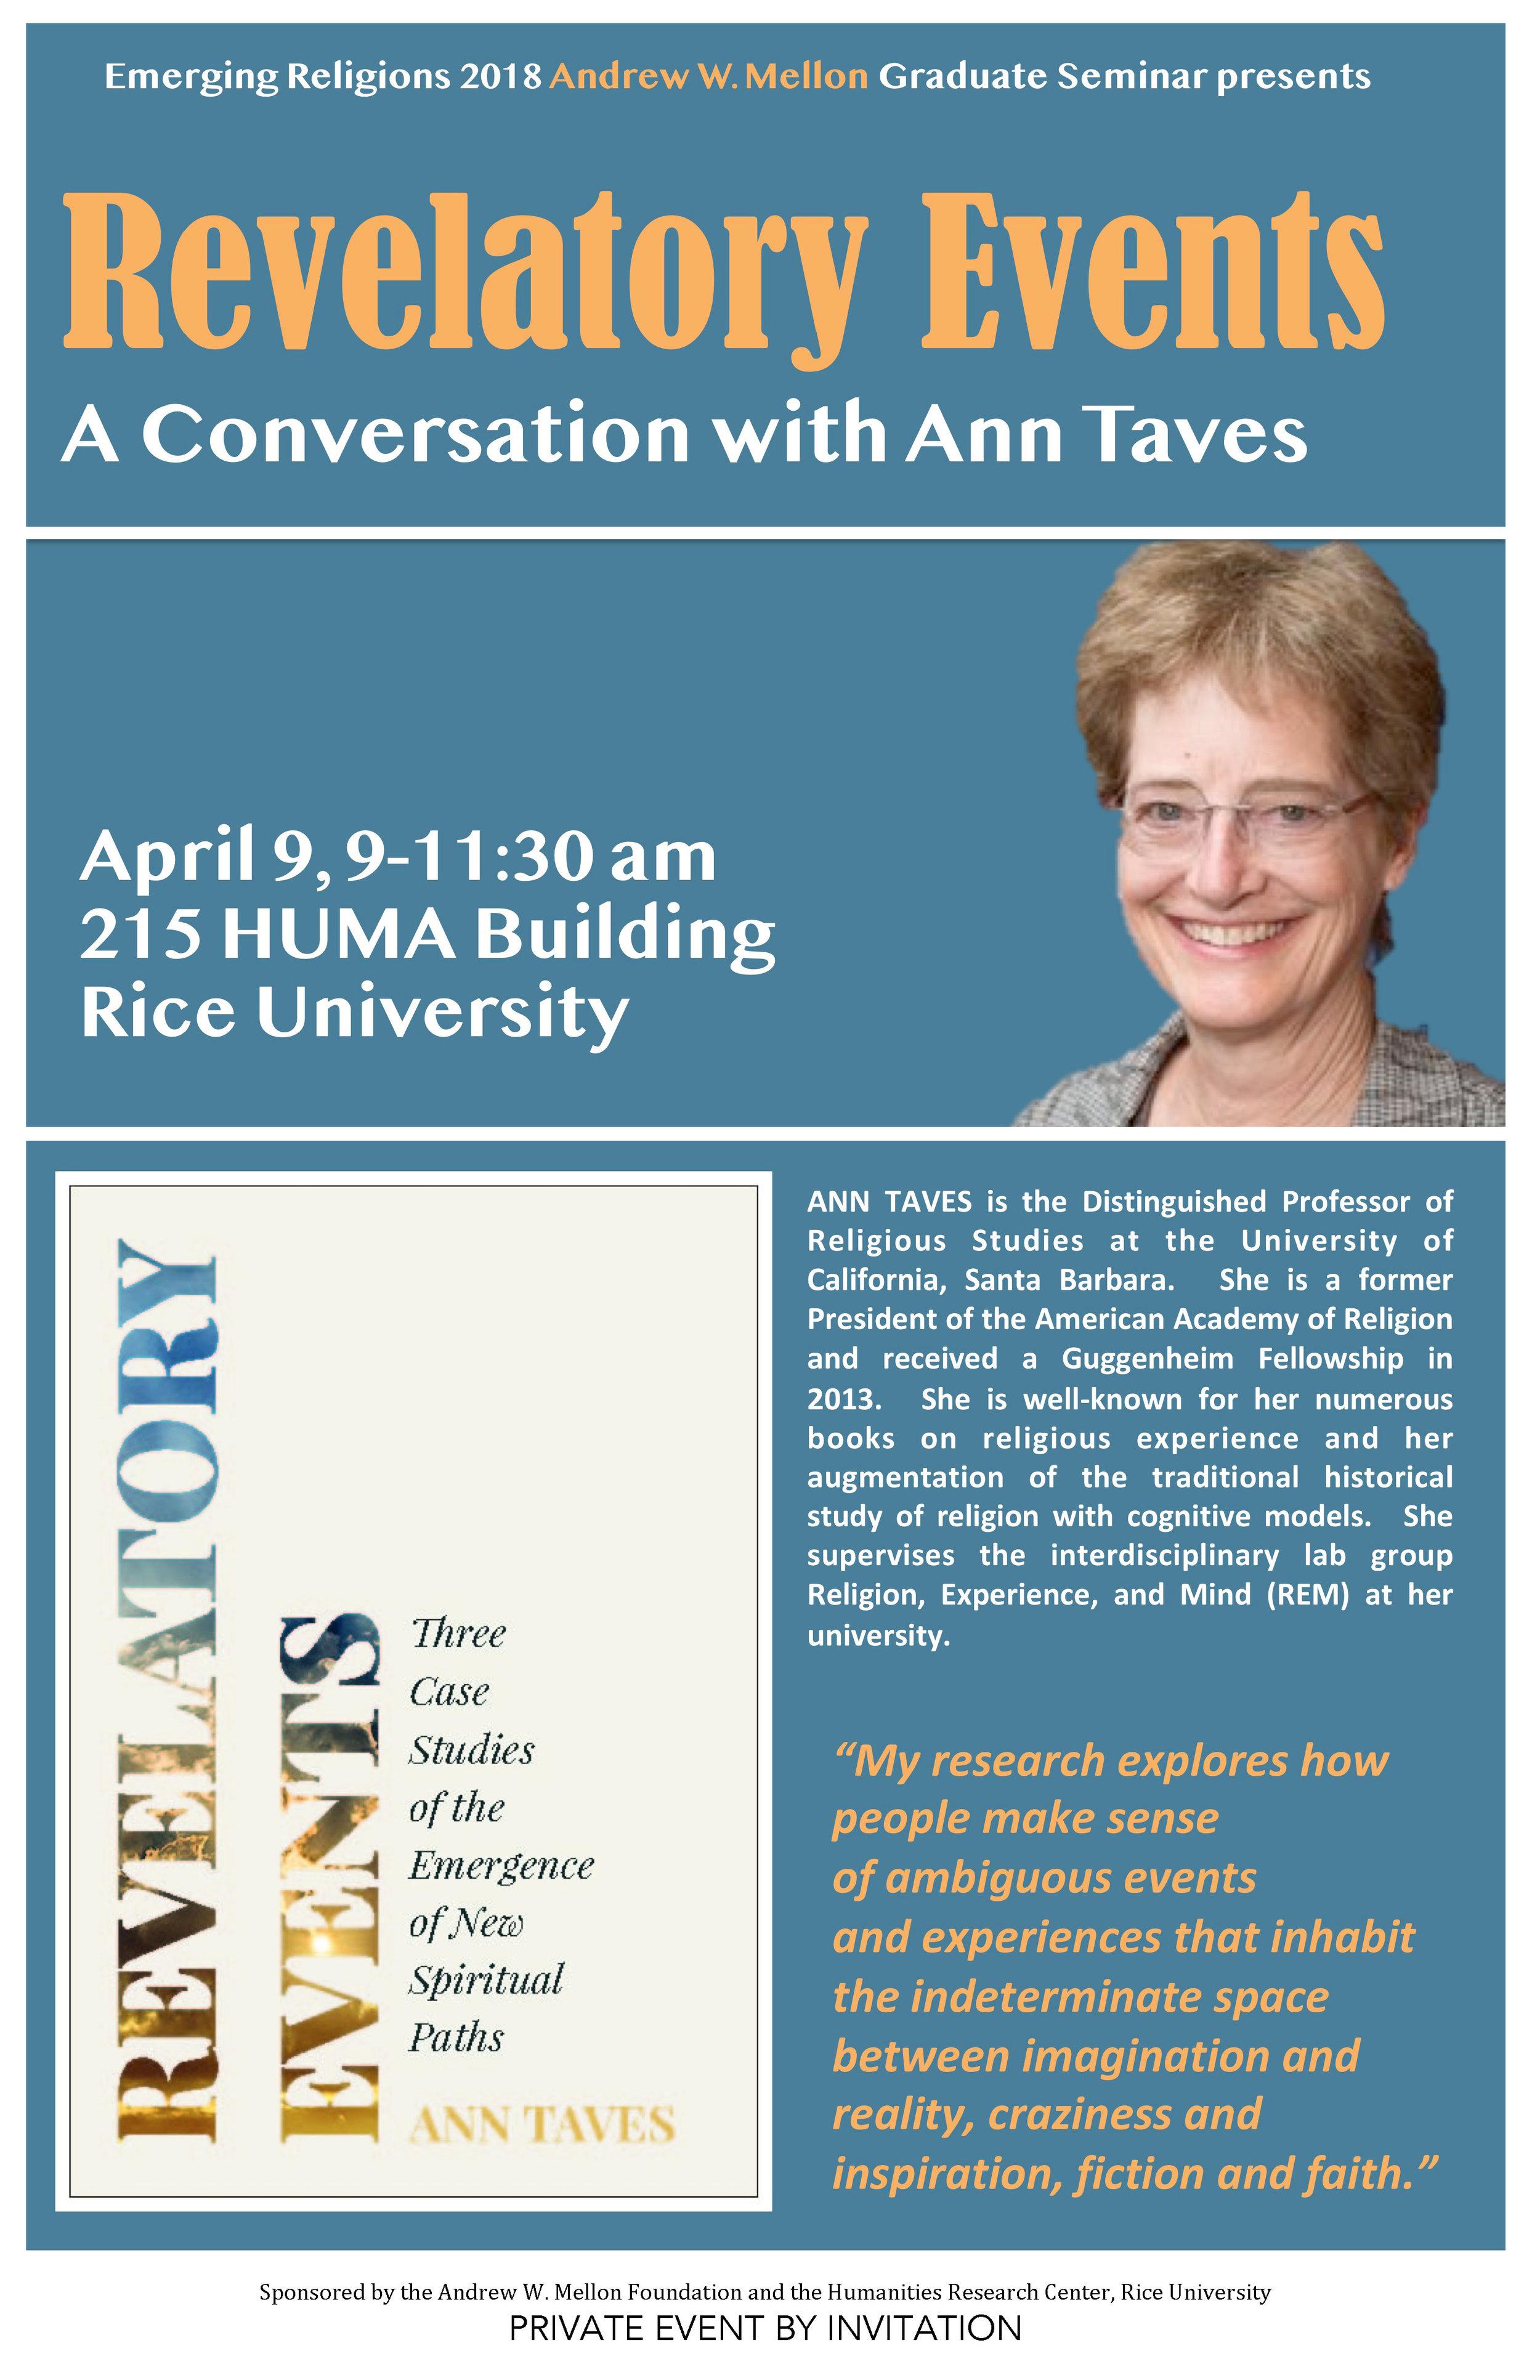 Ann Taves-Poster.jpg